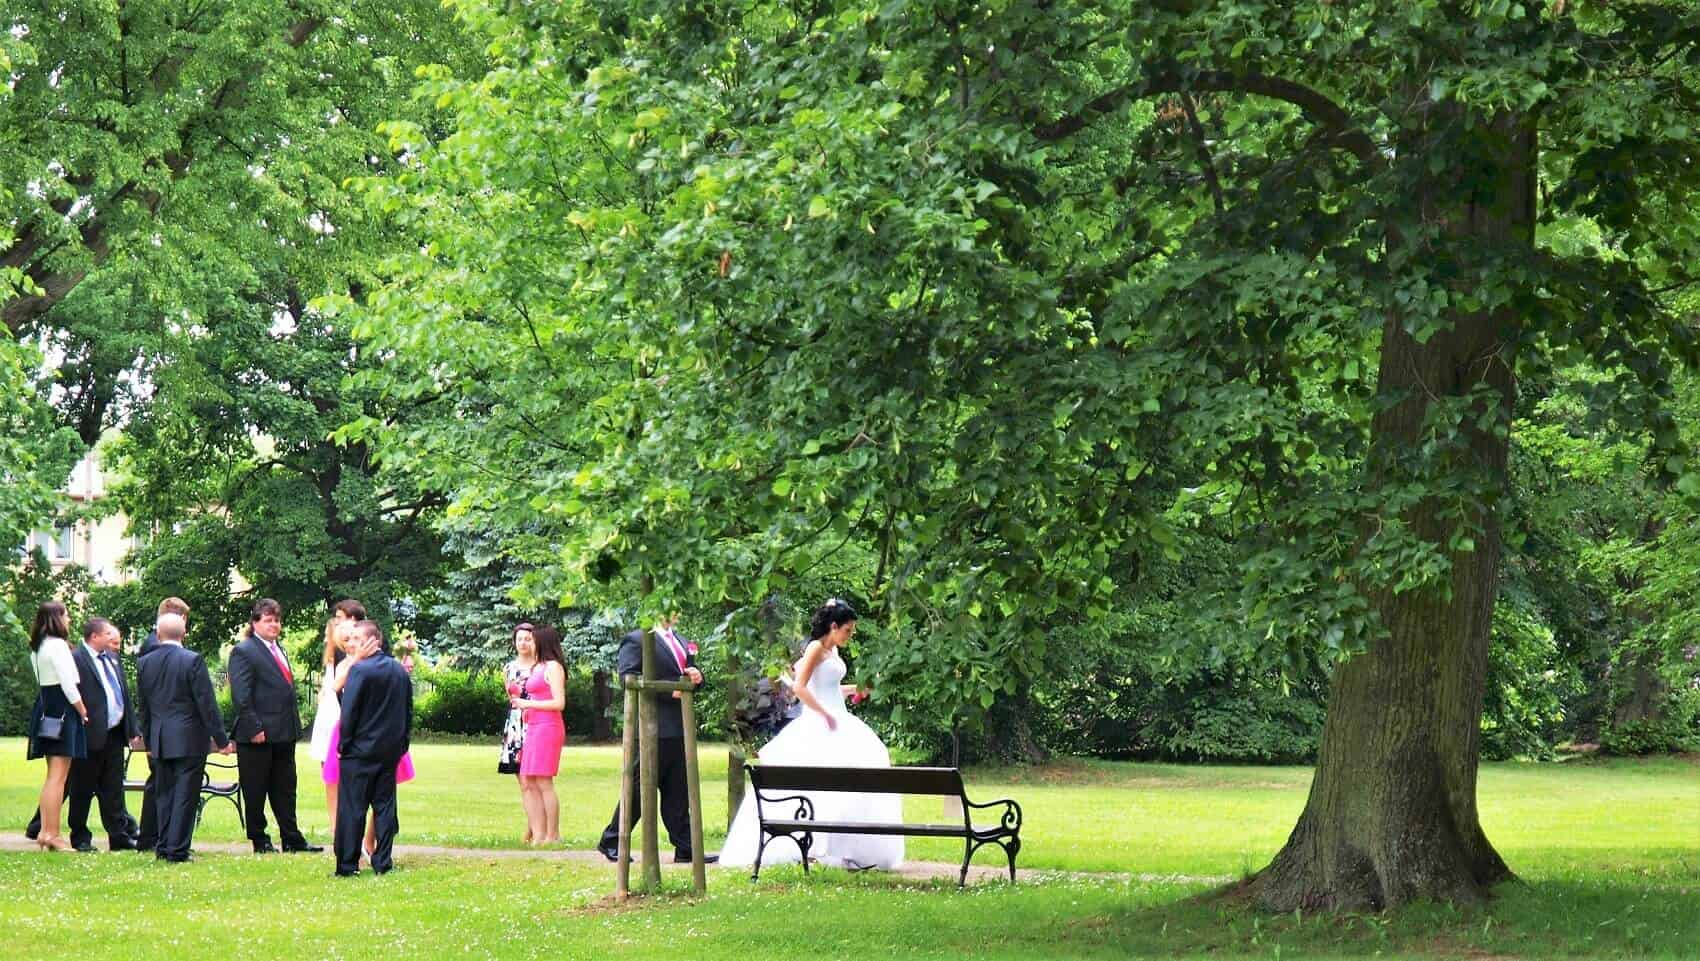 Zámek Světlá nad sázavou - svatebčané v parku